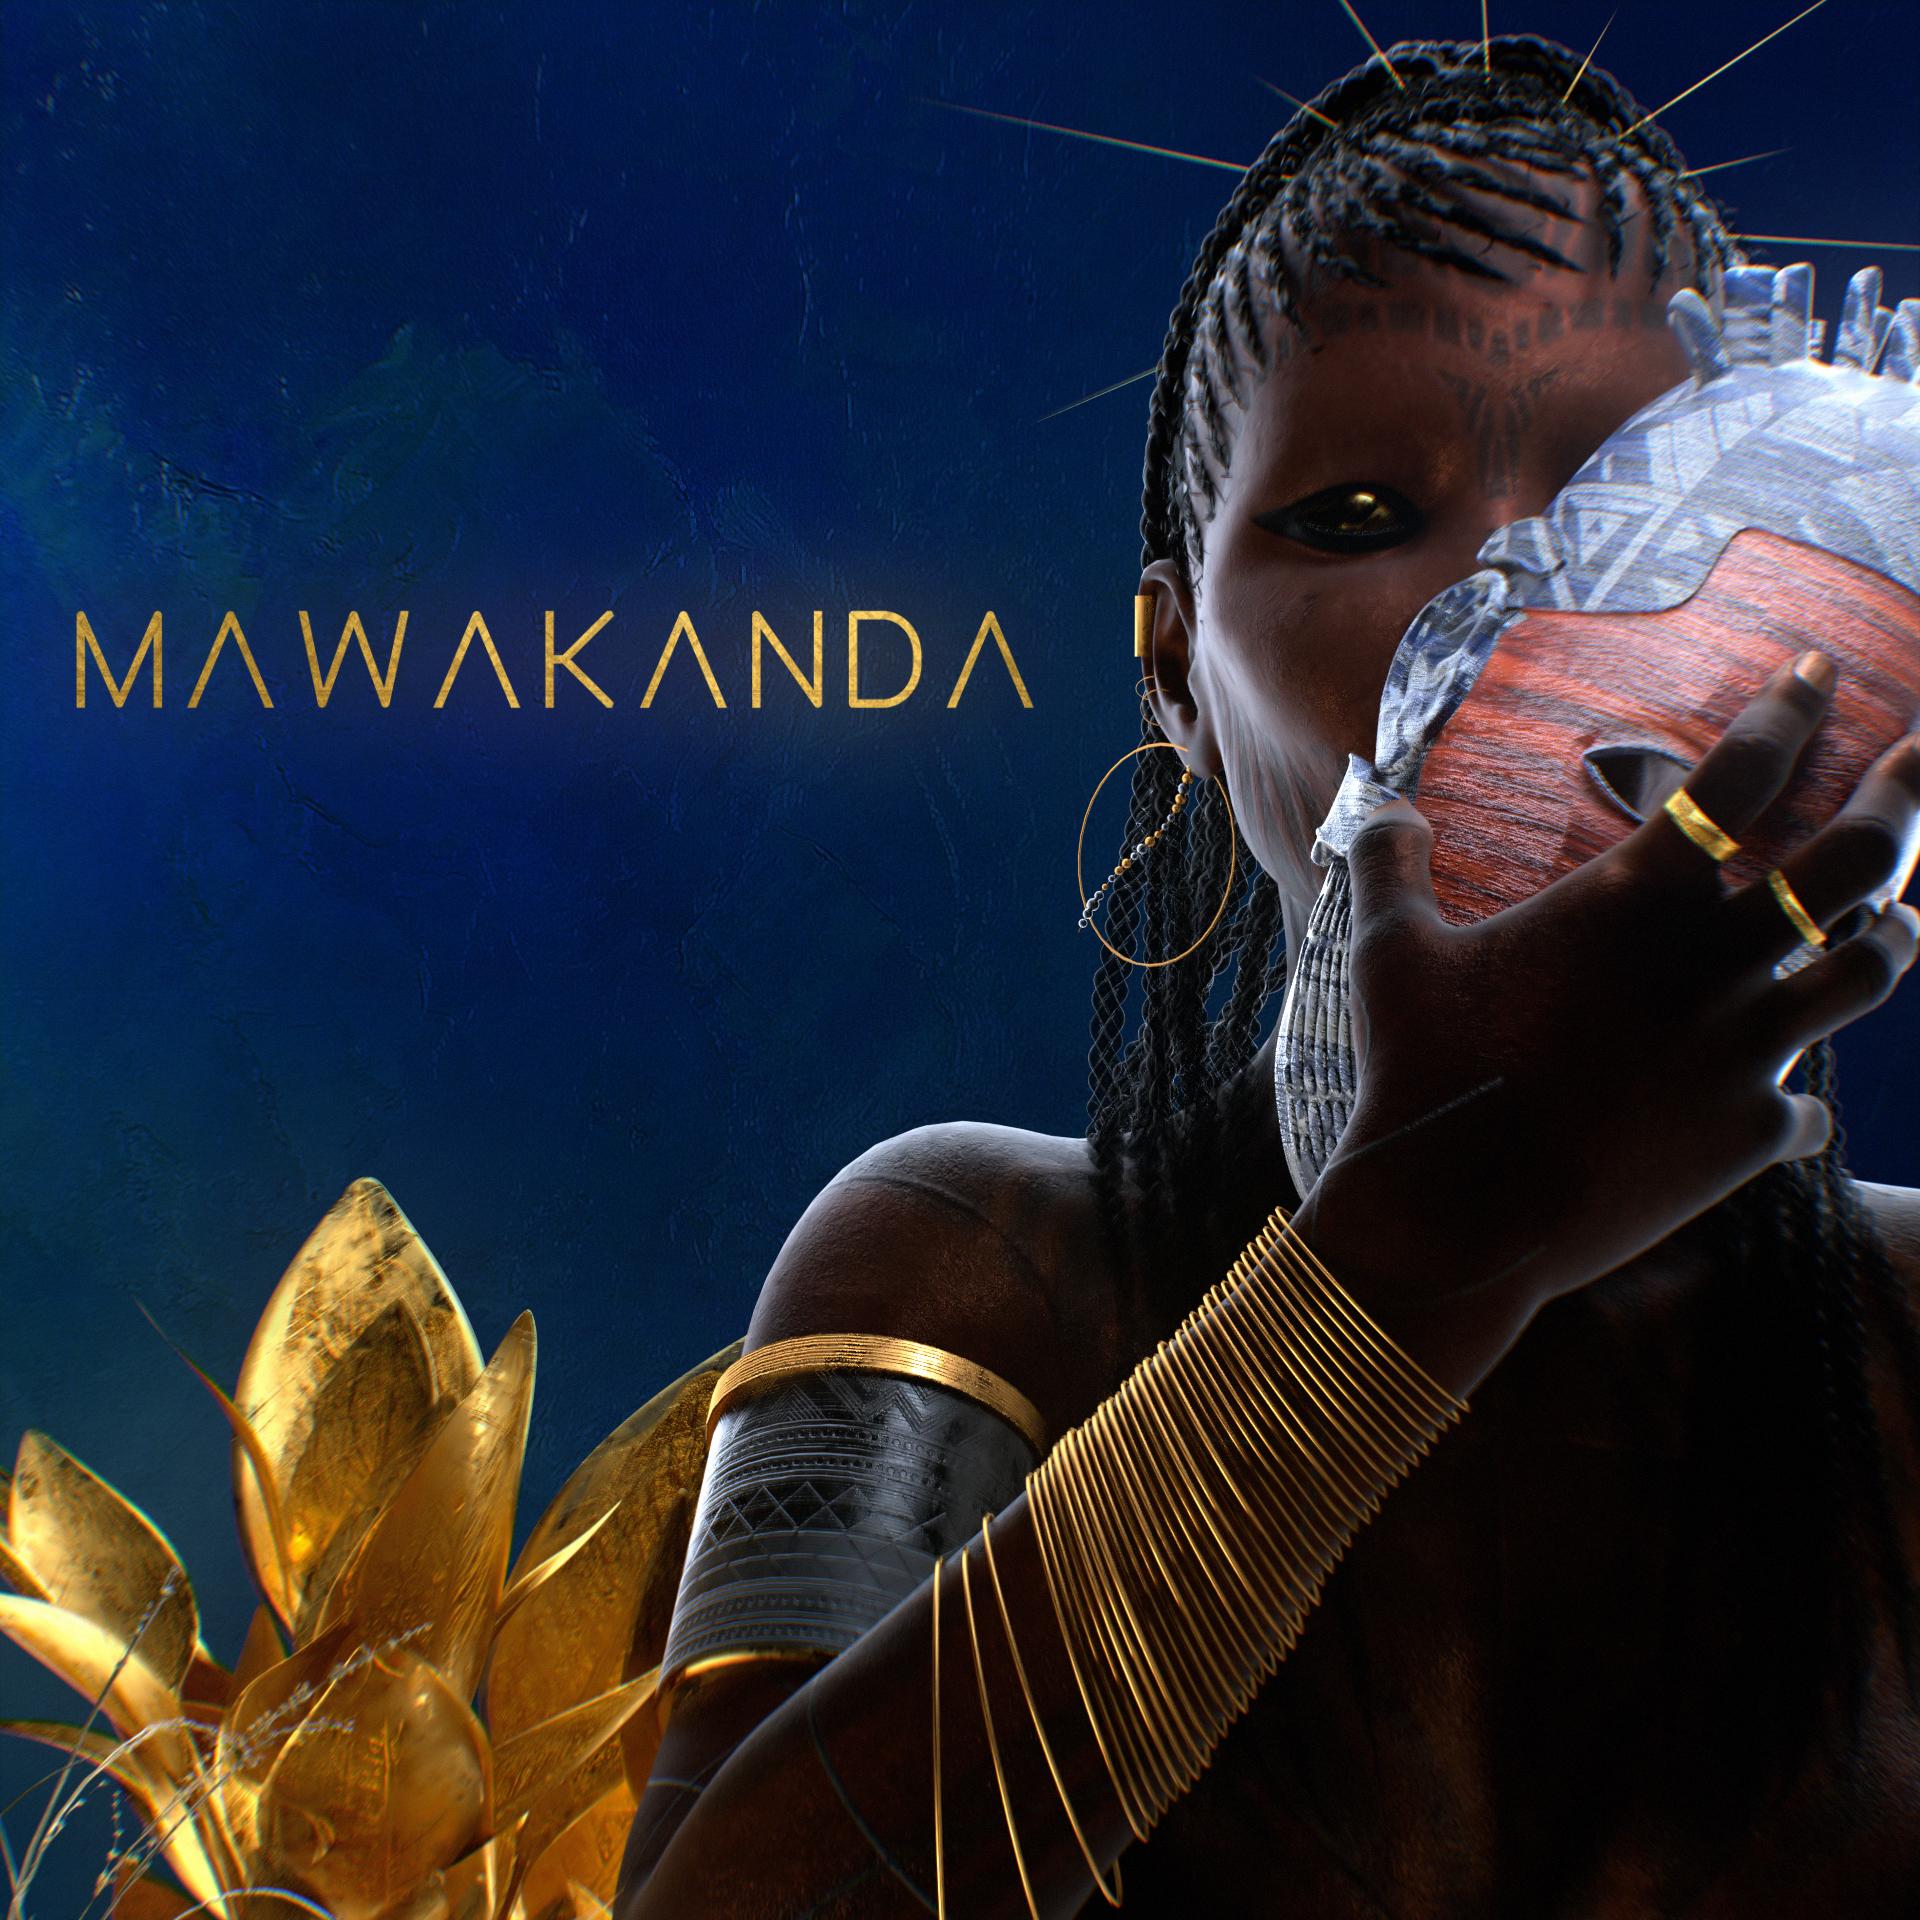 MAWAKANKA